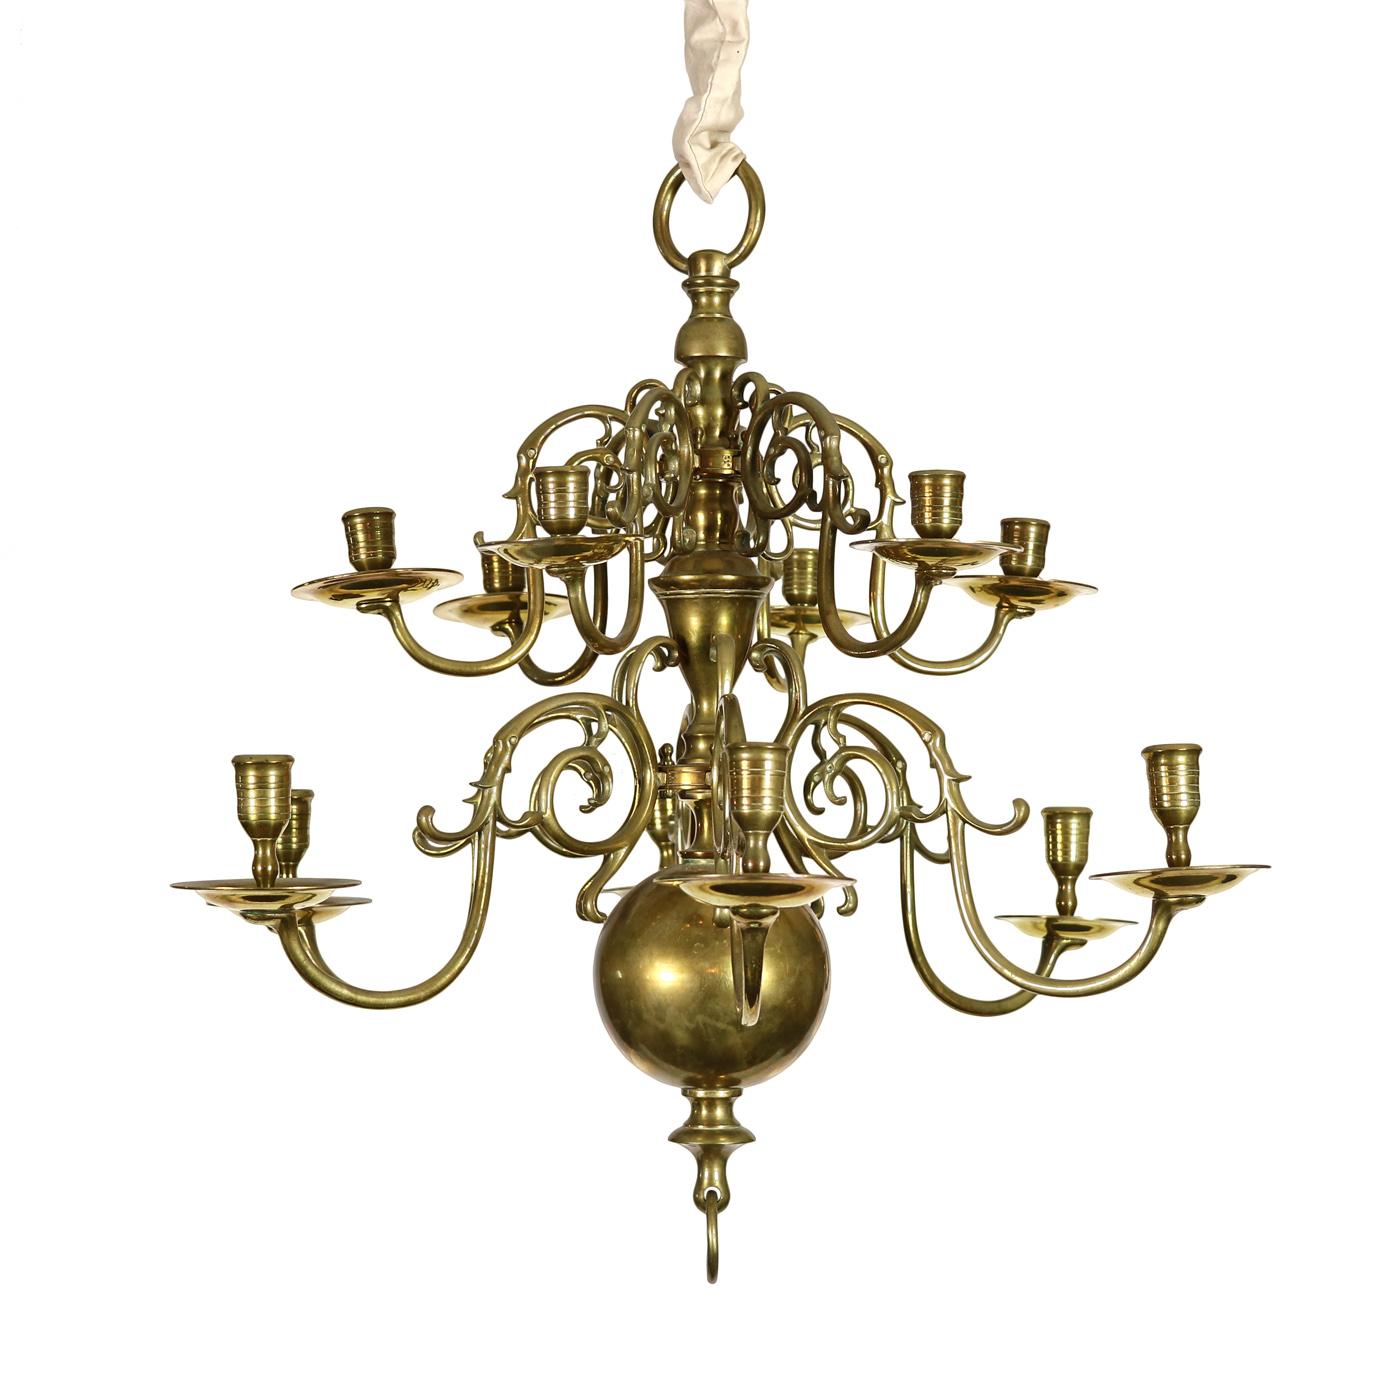 Two-tiered Twelve-light Dutch Brass Chandelier 19th Century